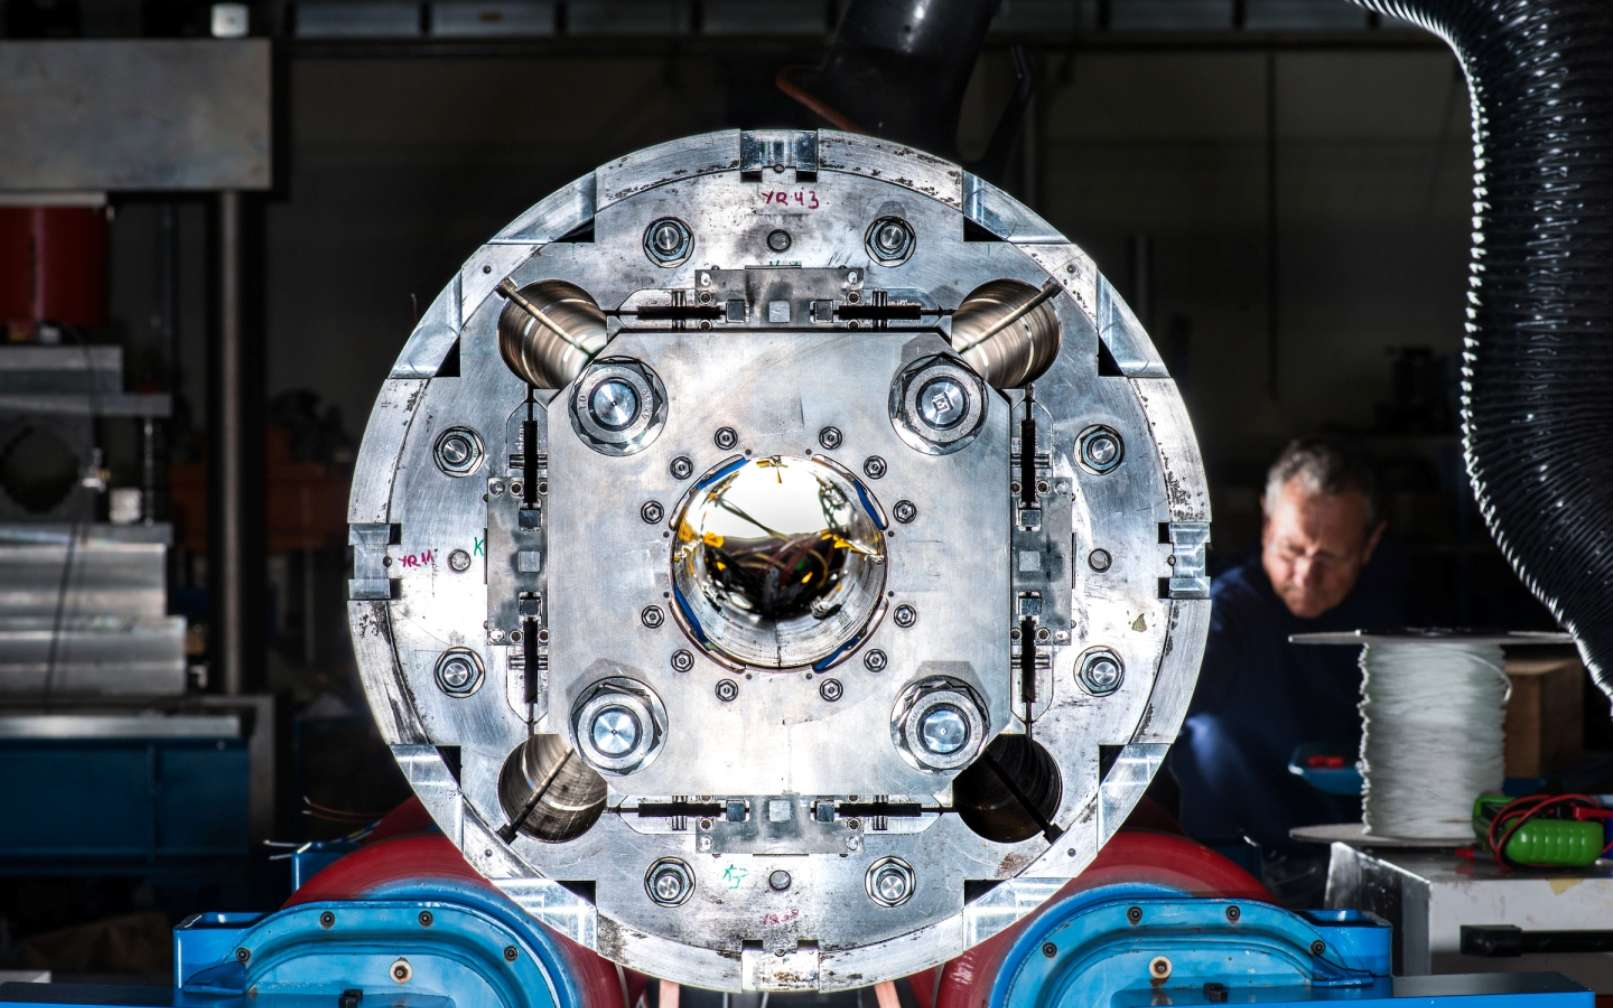 Un des nouveaux aimants quadripolaires en cours d'étude pour la réalisation d'une version améliorée du LHC à l'horizon 2025. © Cern, Robert Hradil, Monika Majer, ProStudio22.ch